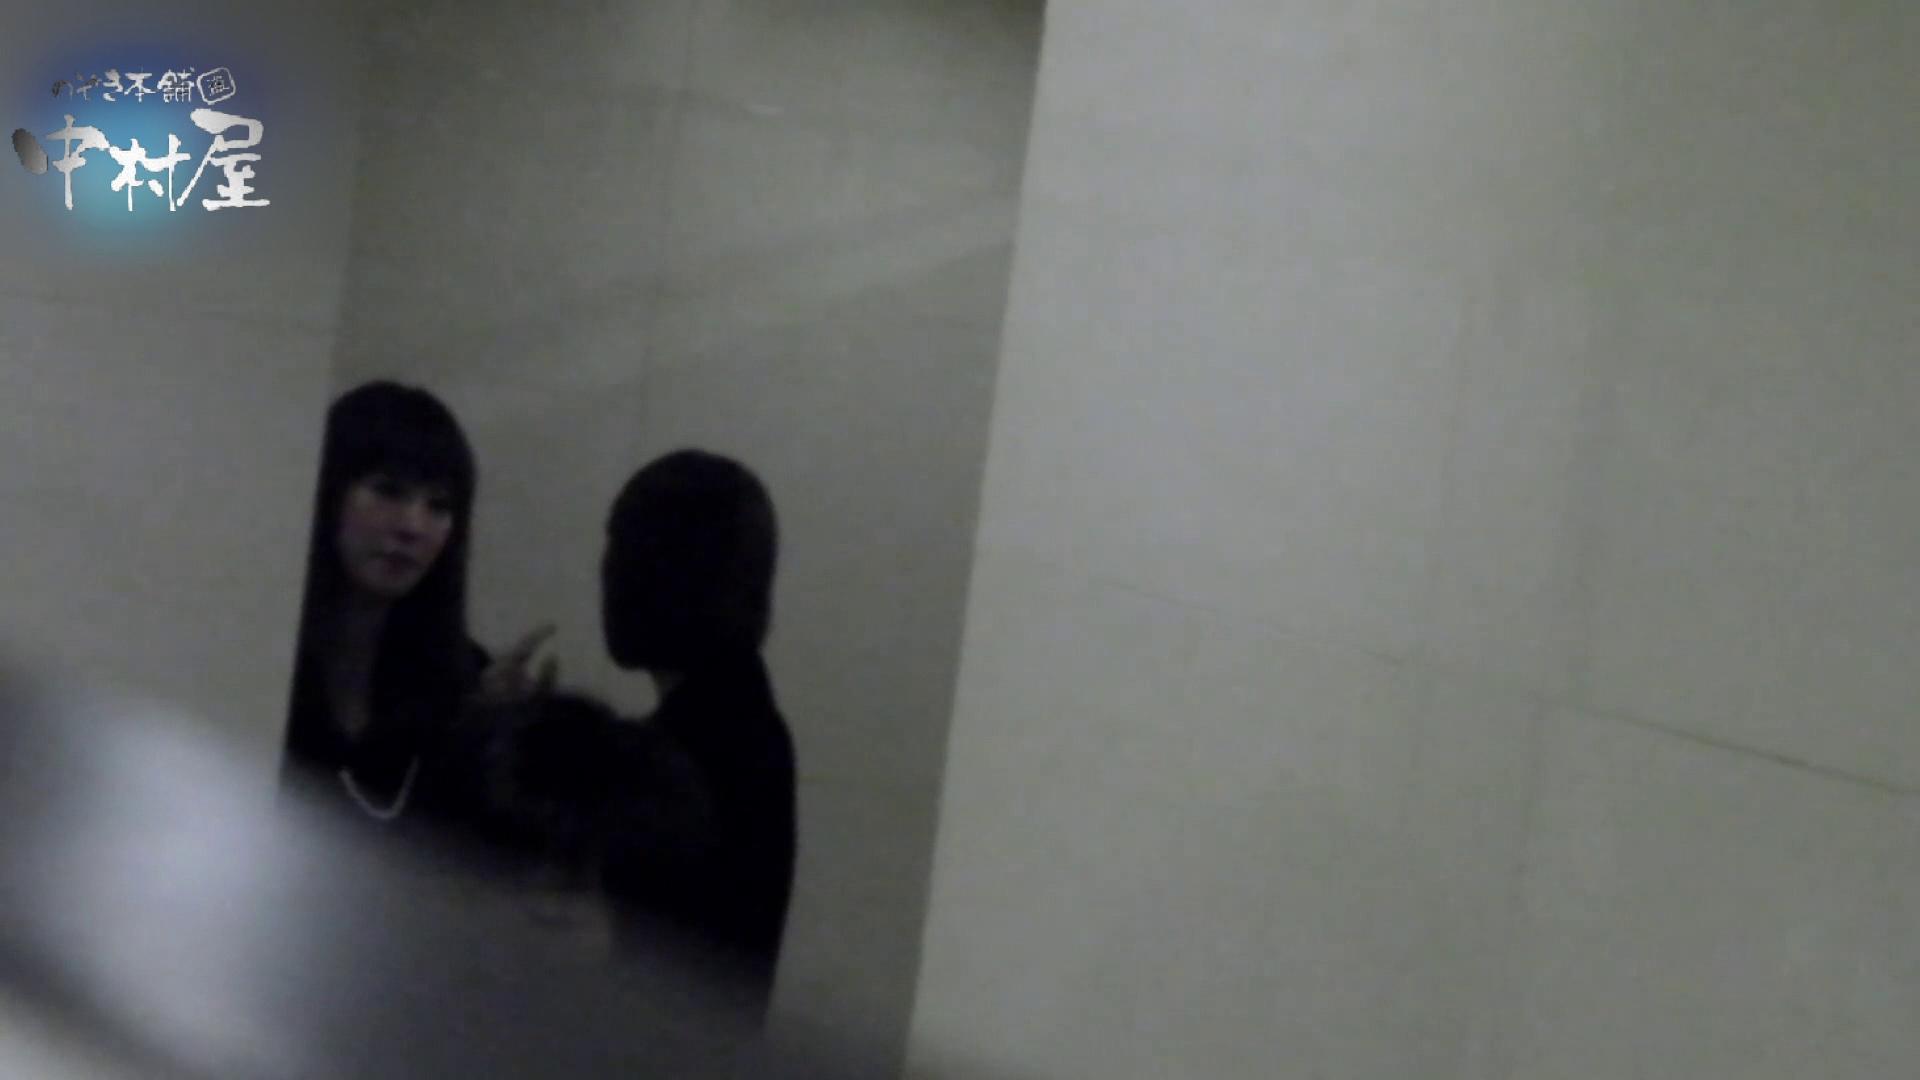 乙女集まる!ショッピングモール潜入撮vol.01 乙女 すけべAV動画紹介 101画像 21